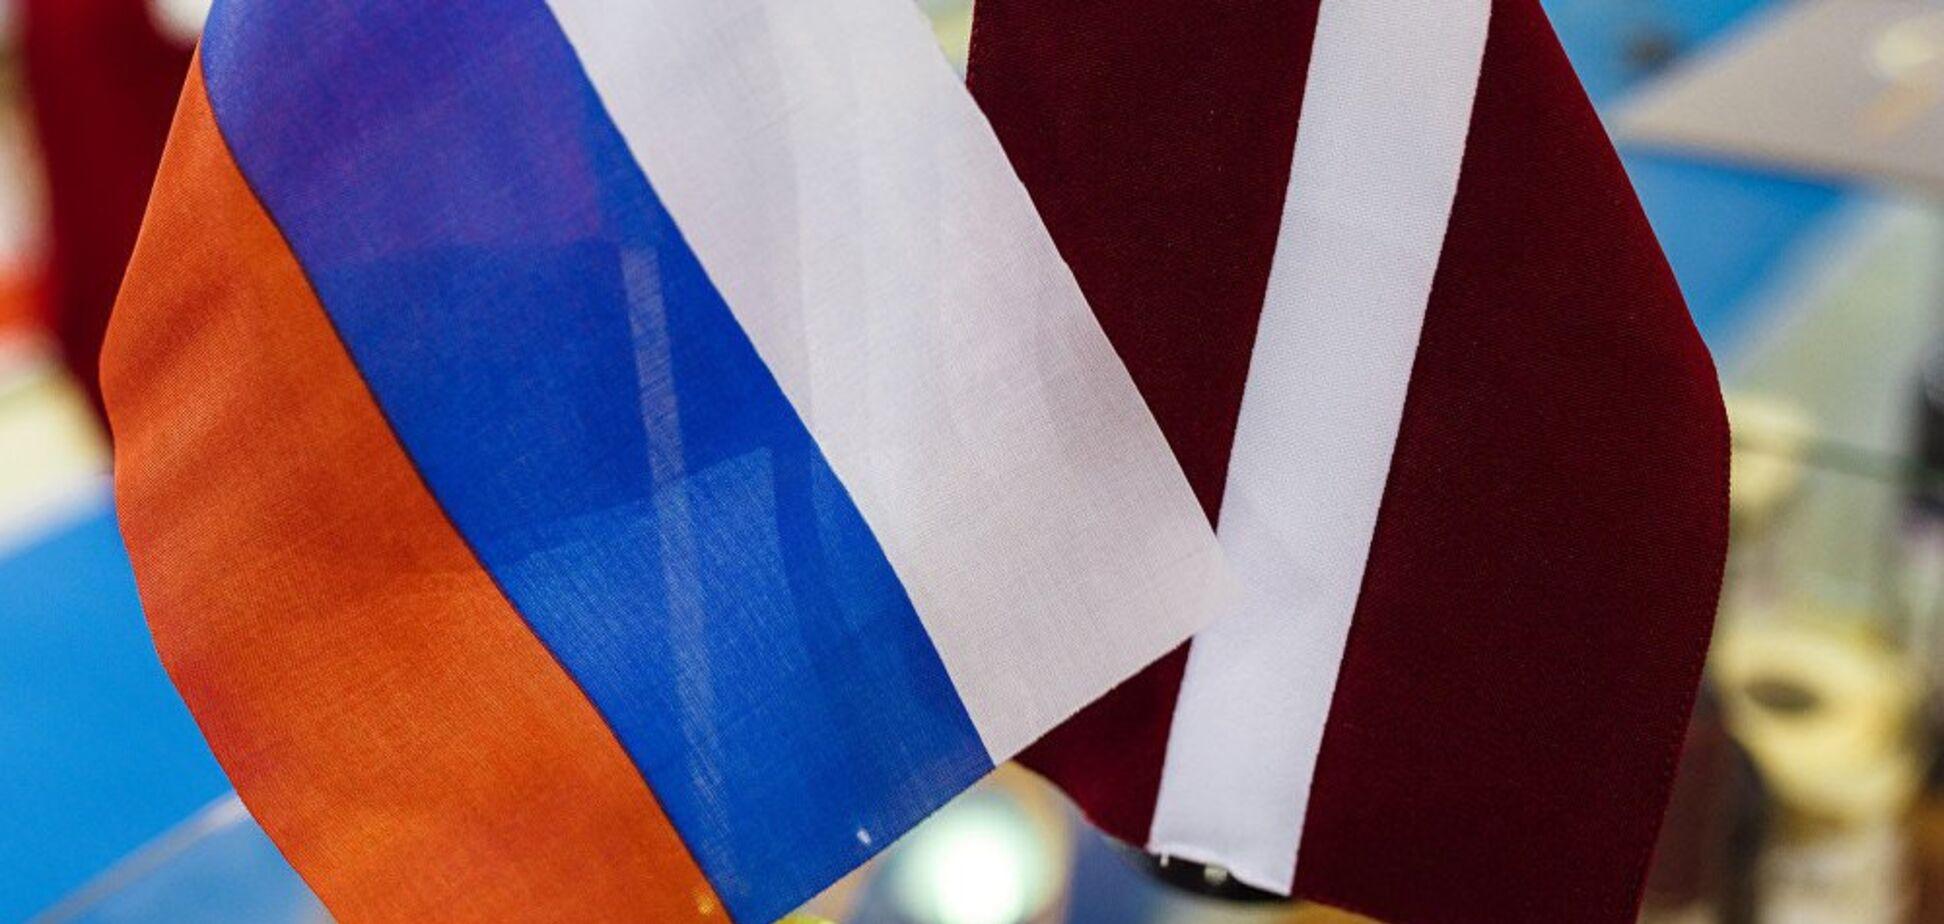 Латвия жестко осадила Россию из-за Второй мировой